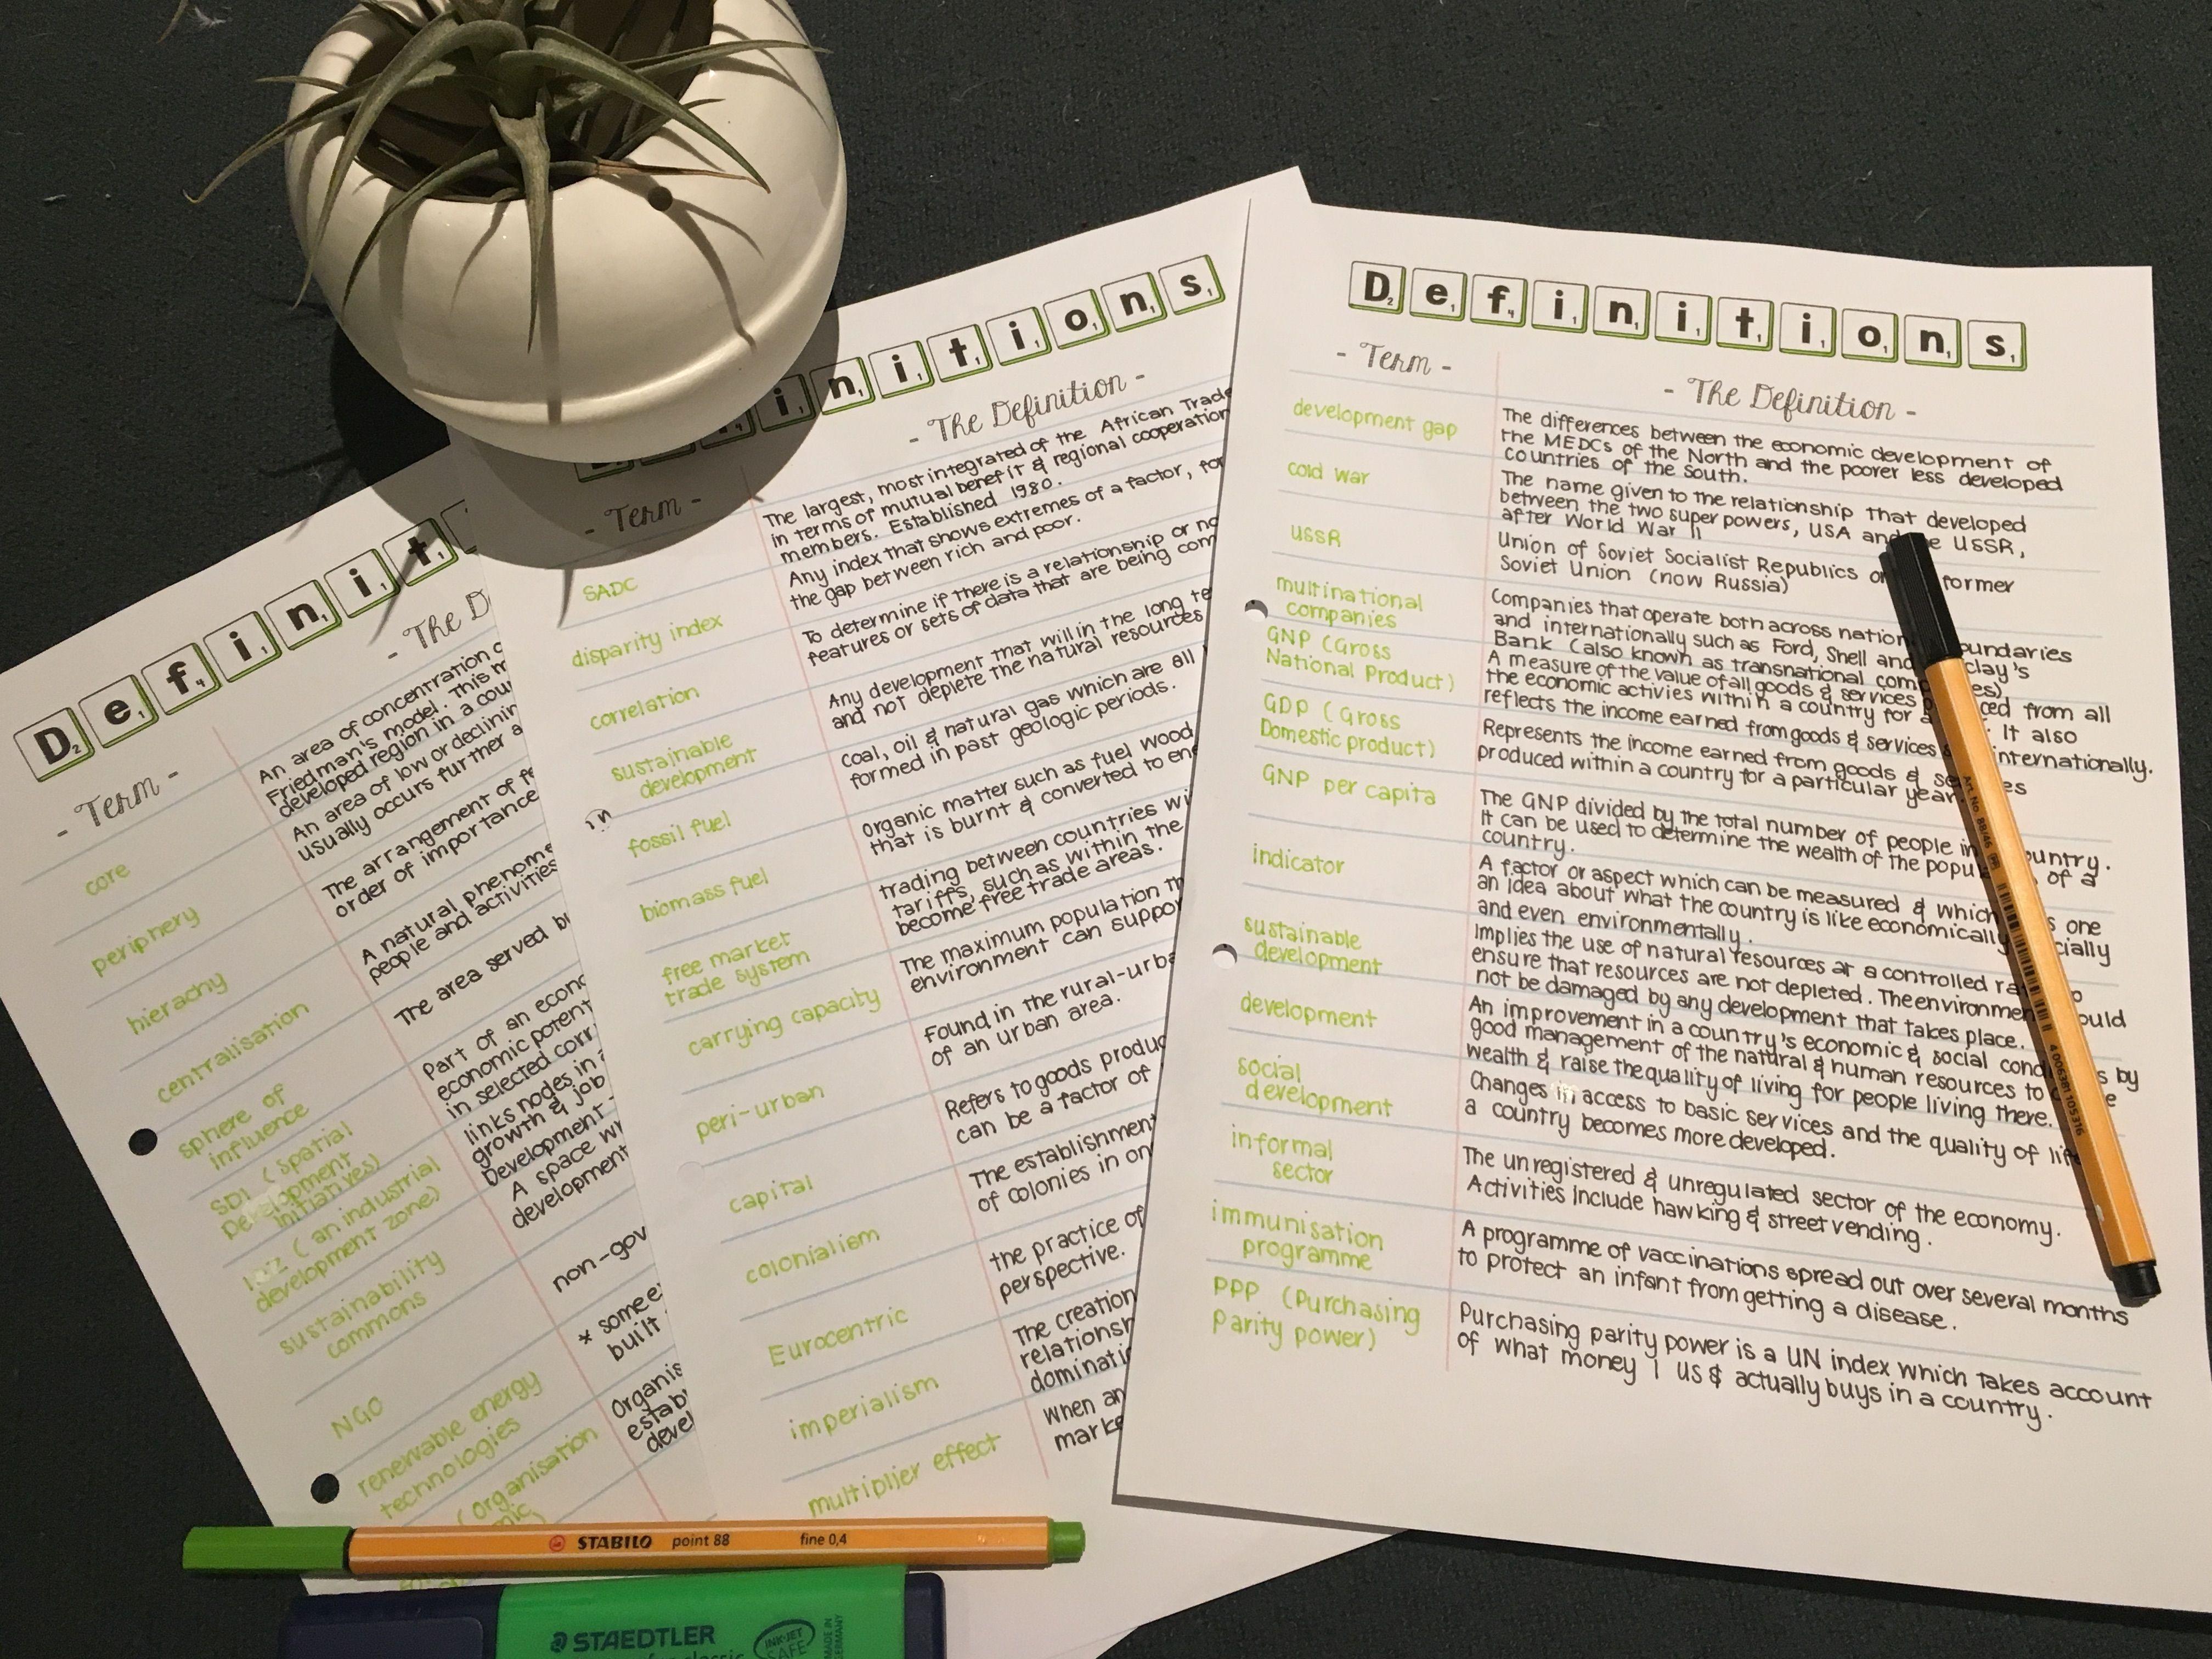 annie notetaker fall guide mat study studysoup mats midterm